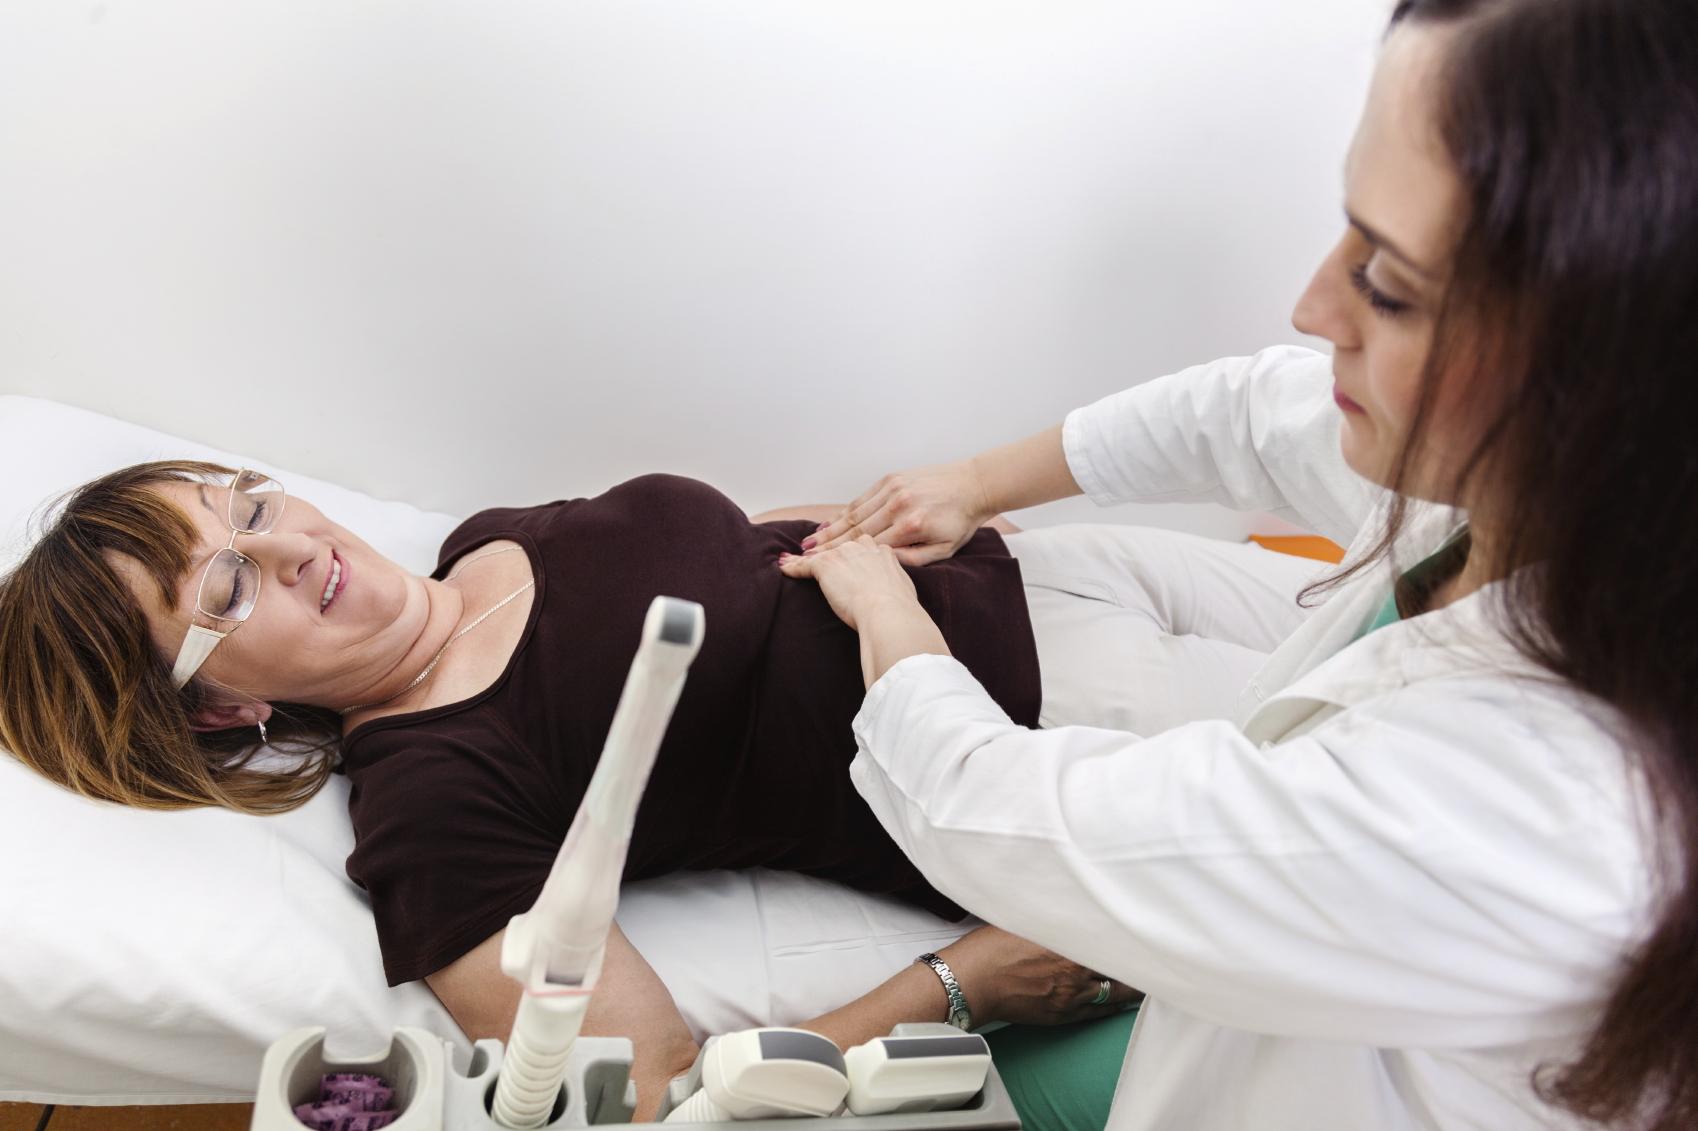 Graviditetstest hvad så positiv Hvornår testede